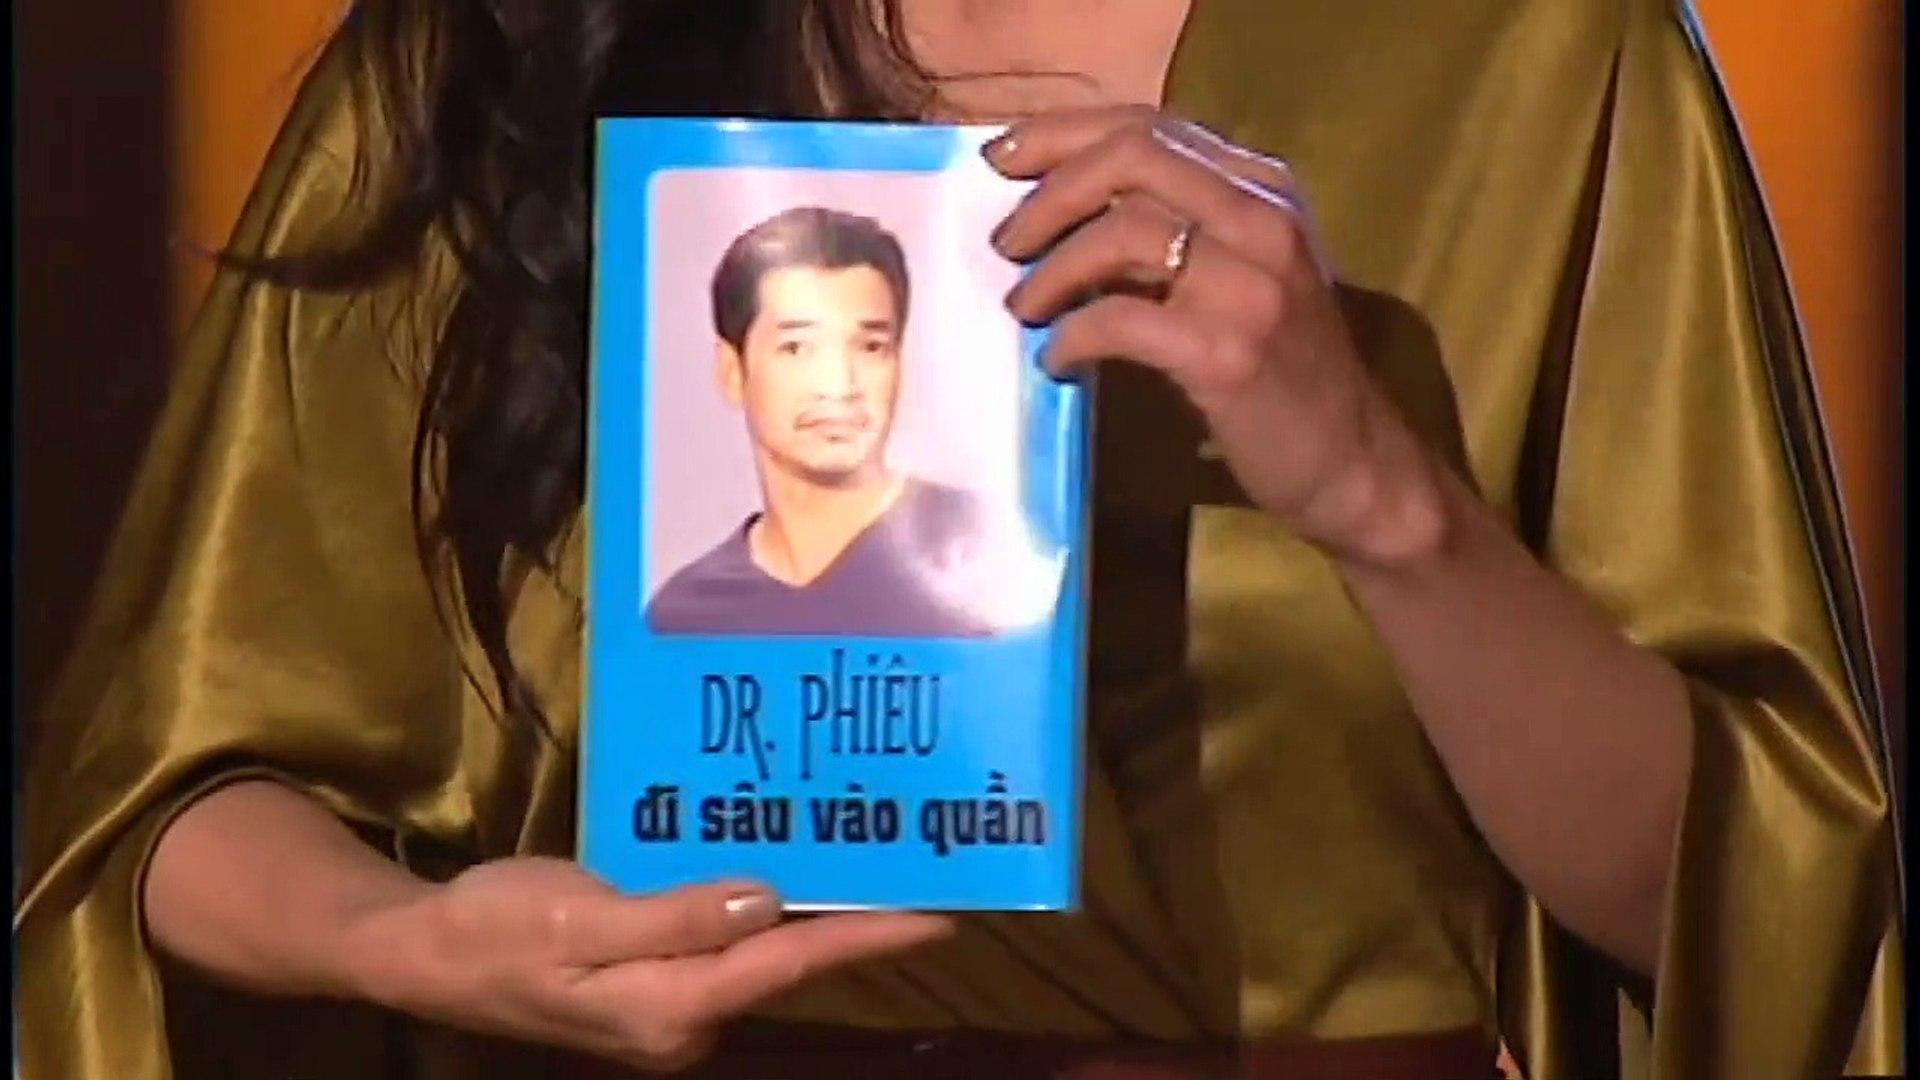 Video - Hài kịch MADAME MOON TALK SHOW (Quang Minh - Hồng Đào)